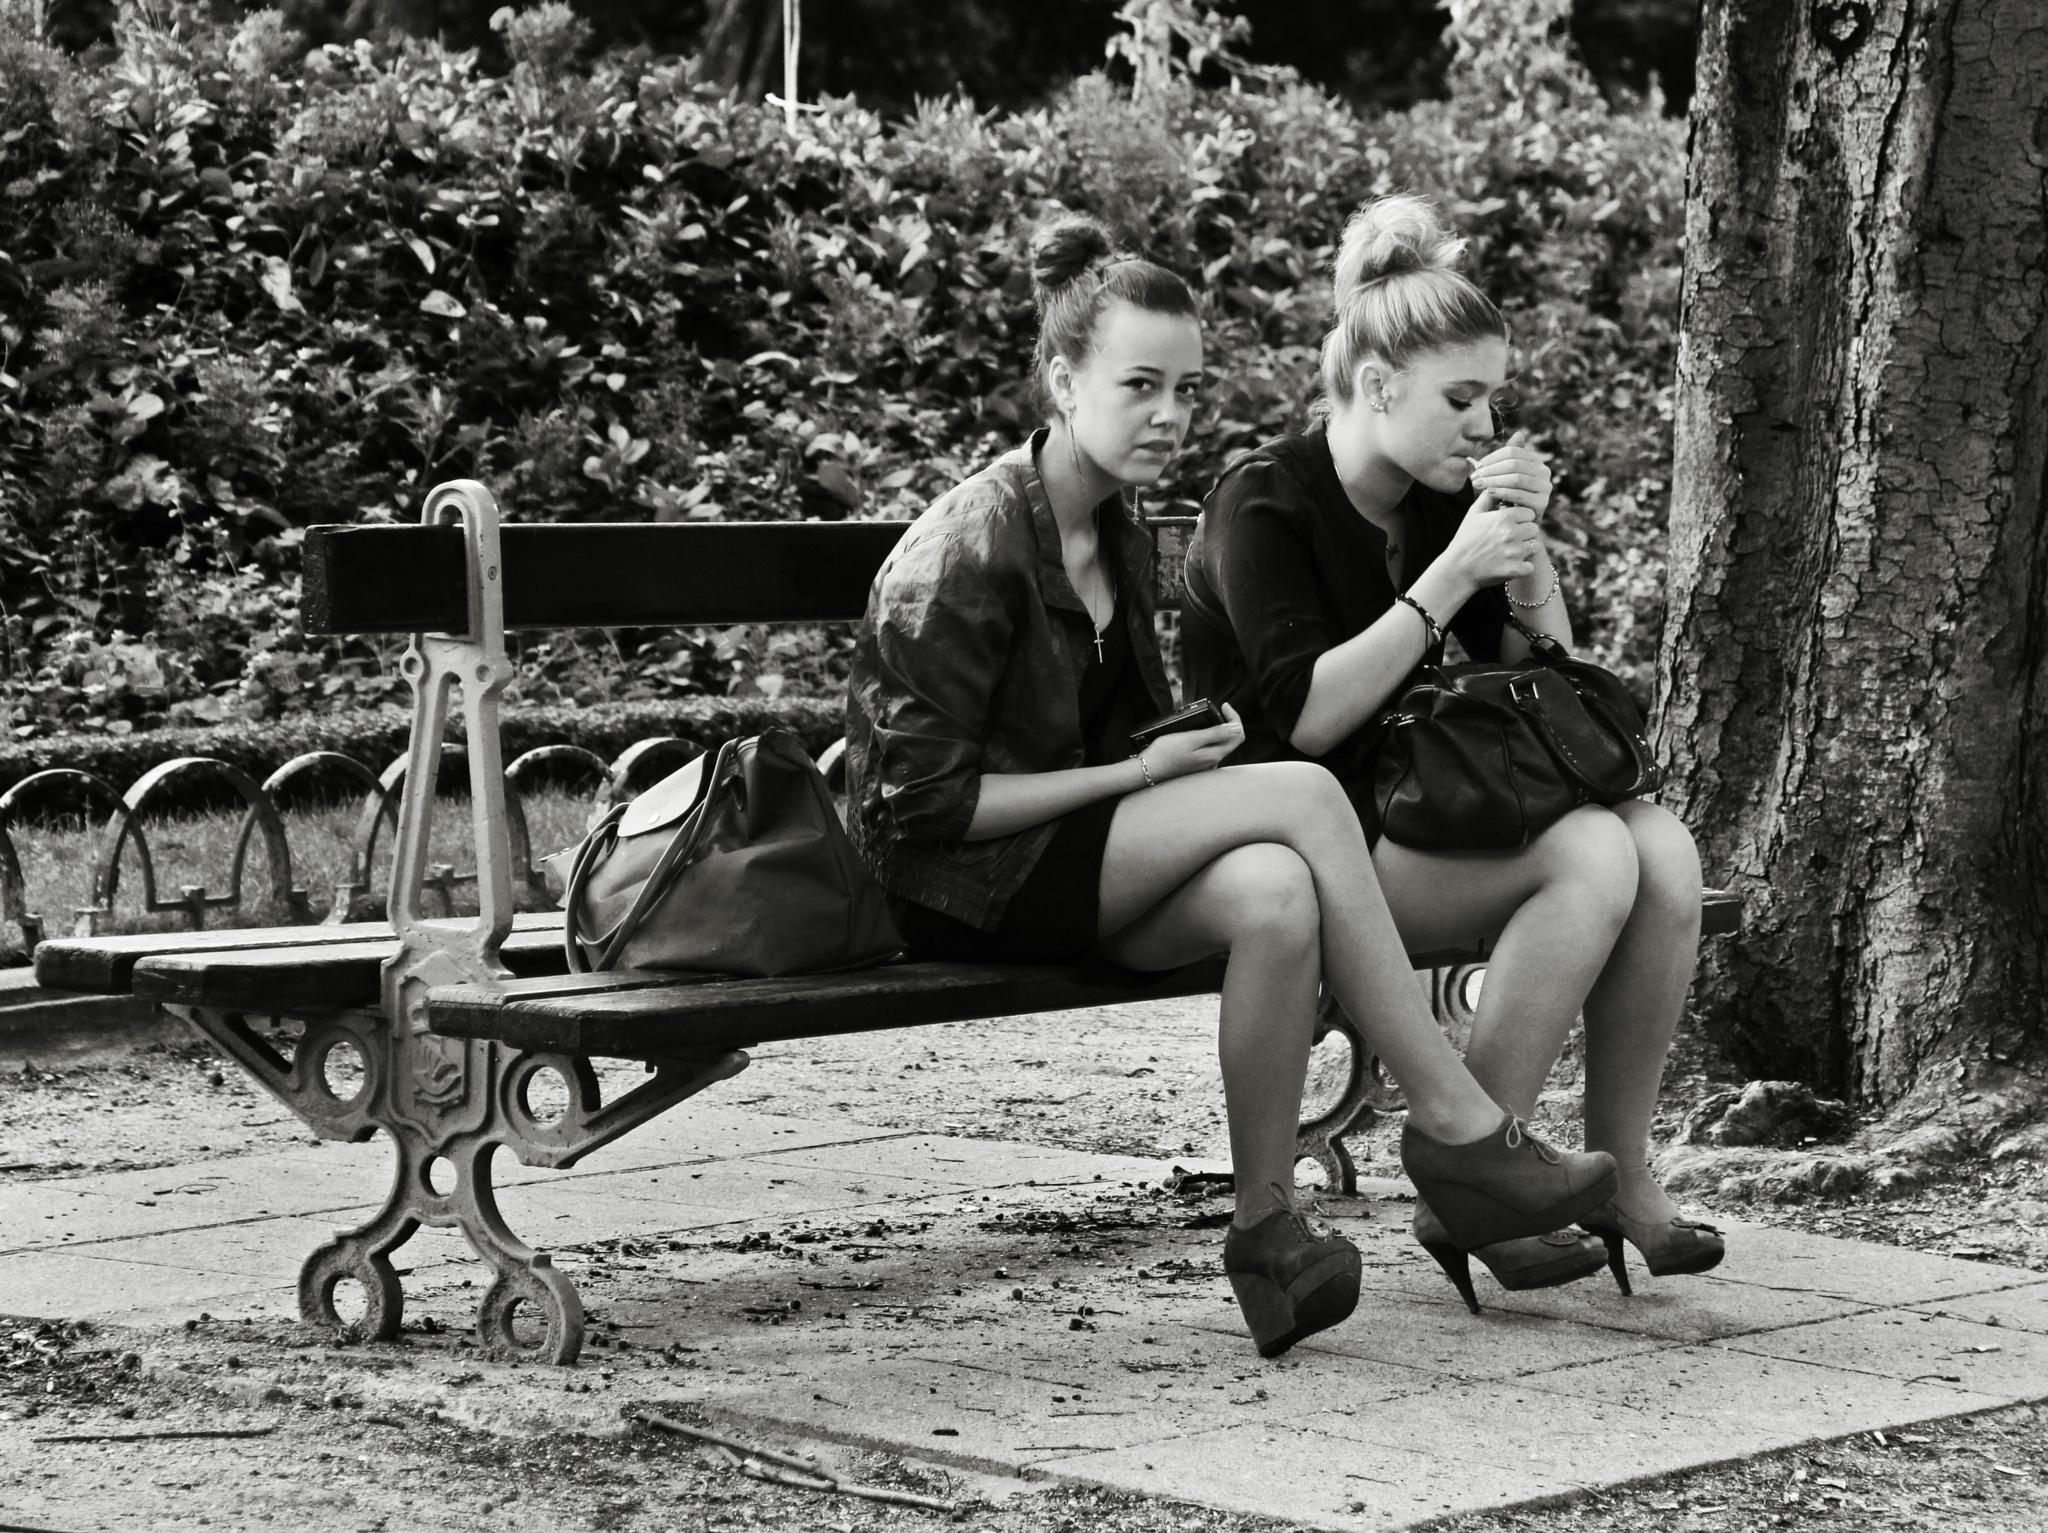 Midday in Paris by Сергей Юрьев